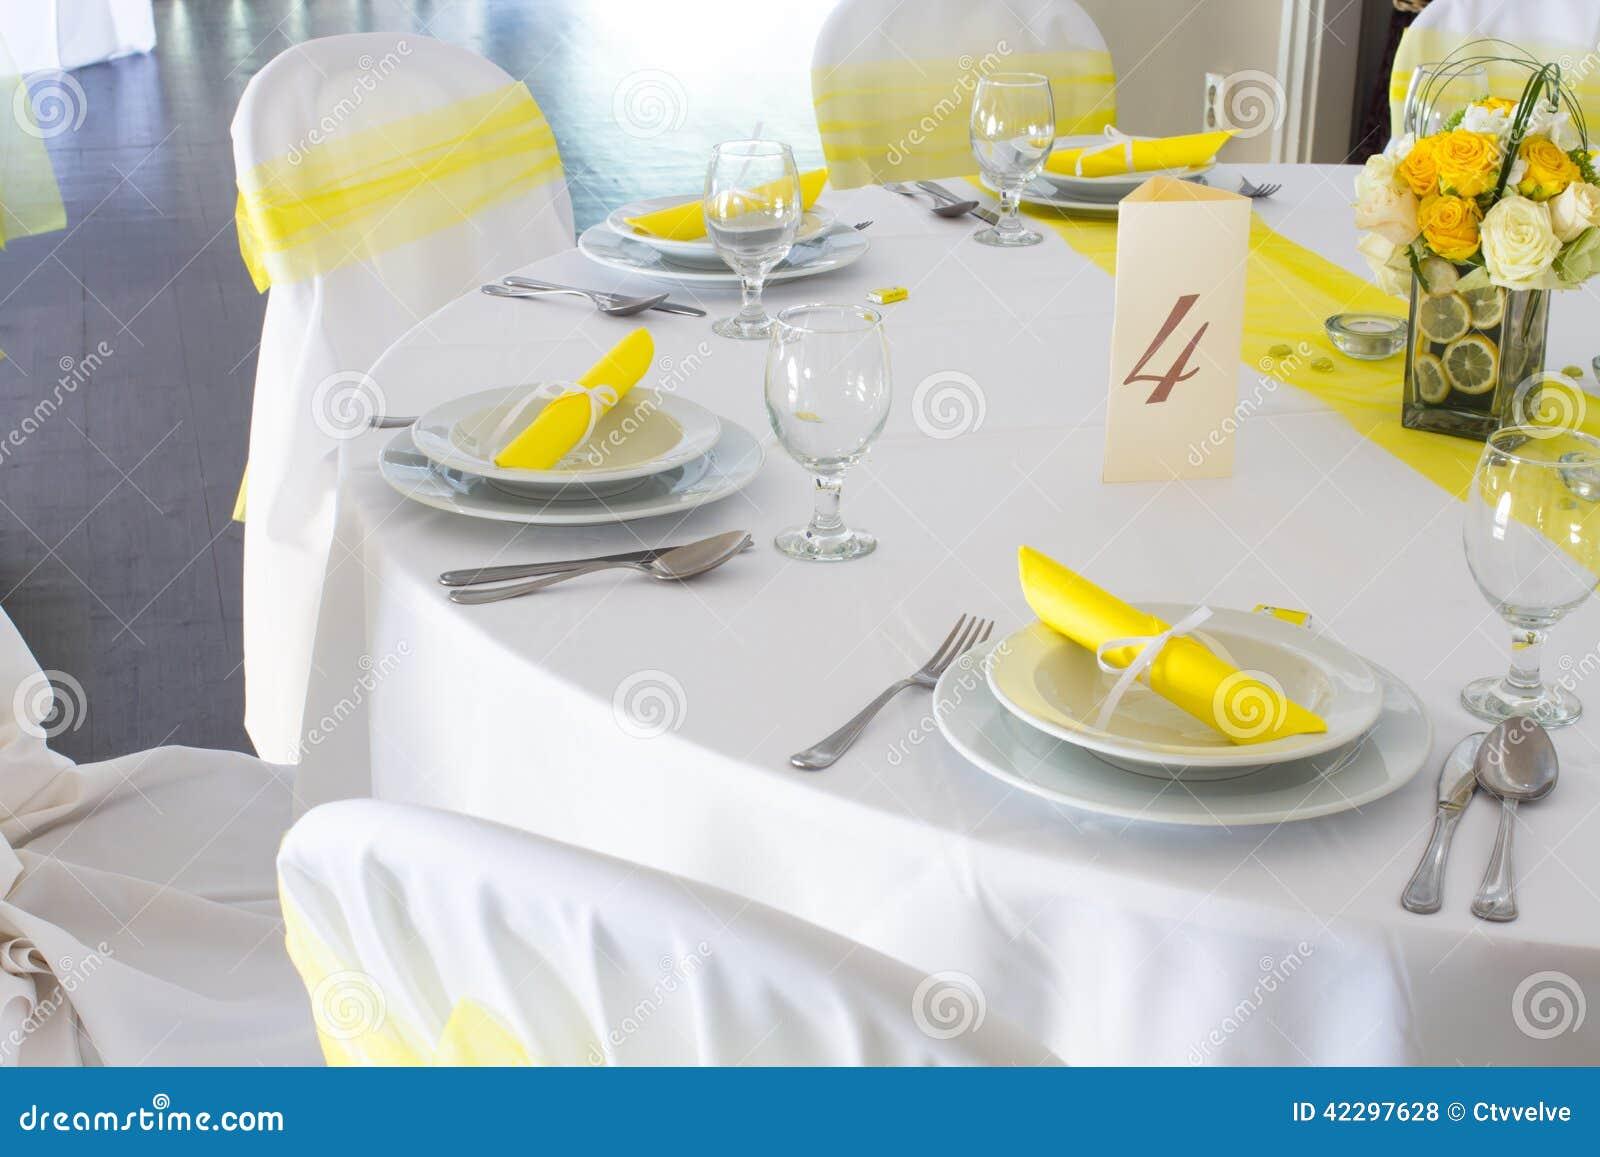 Wedding Table Decoration Stock Photo Image 42297628